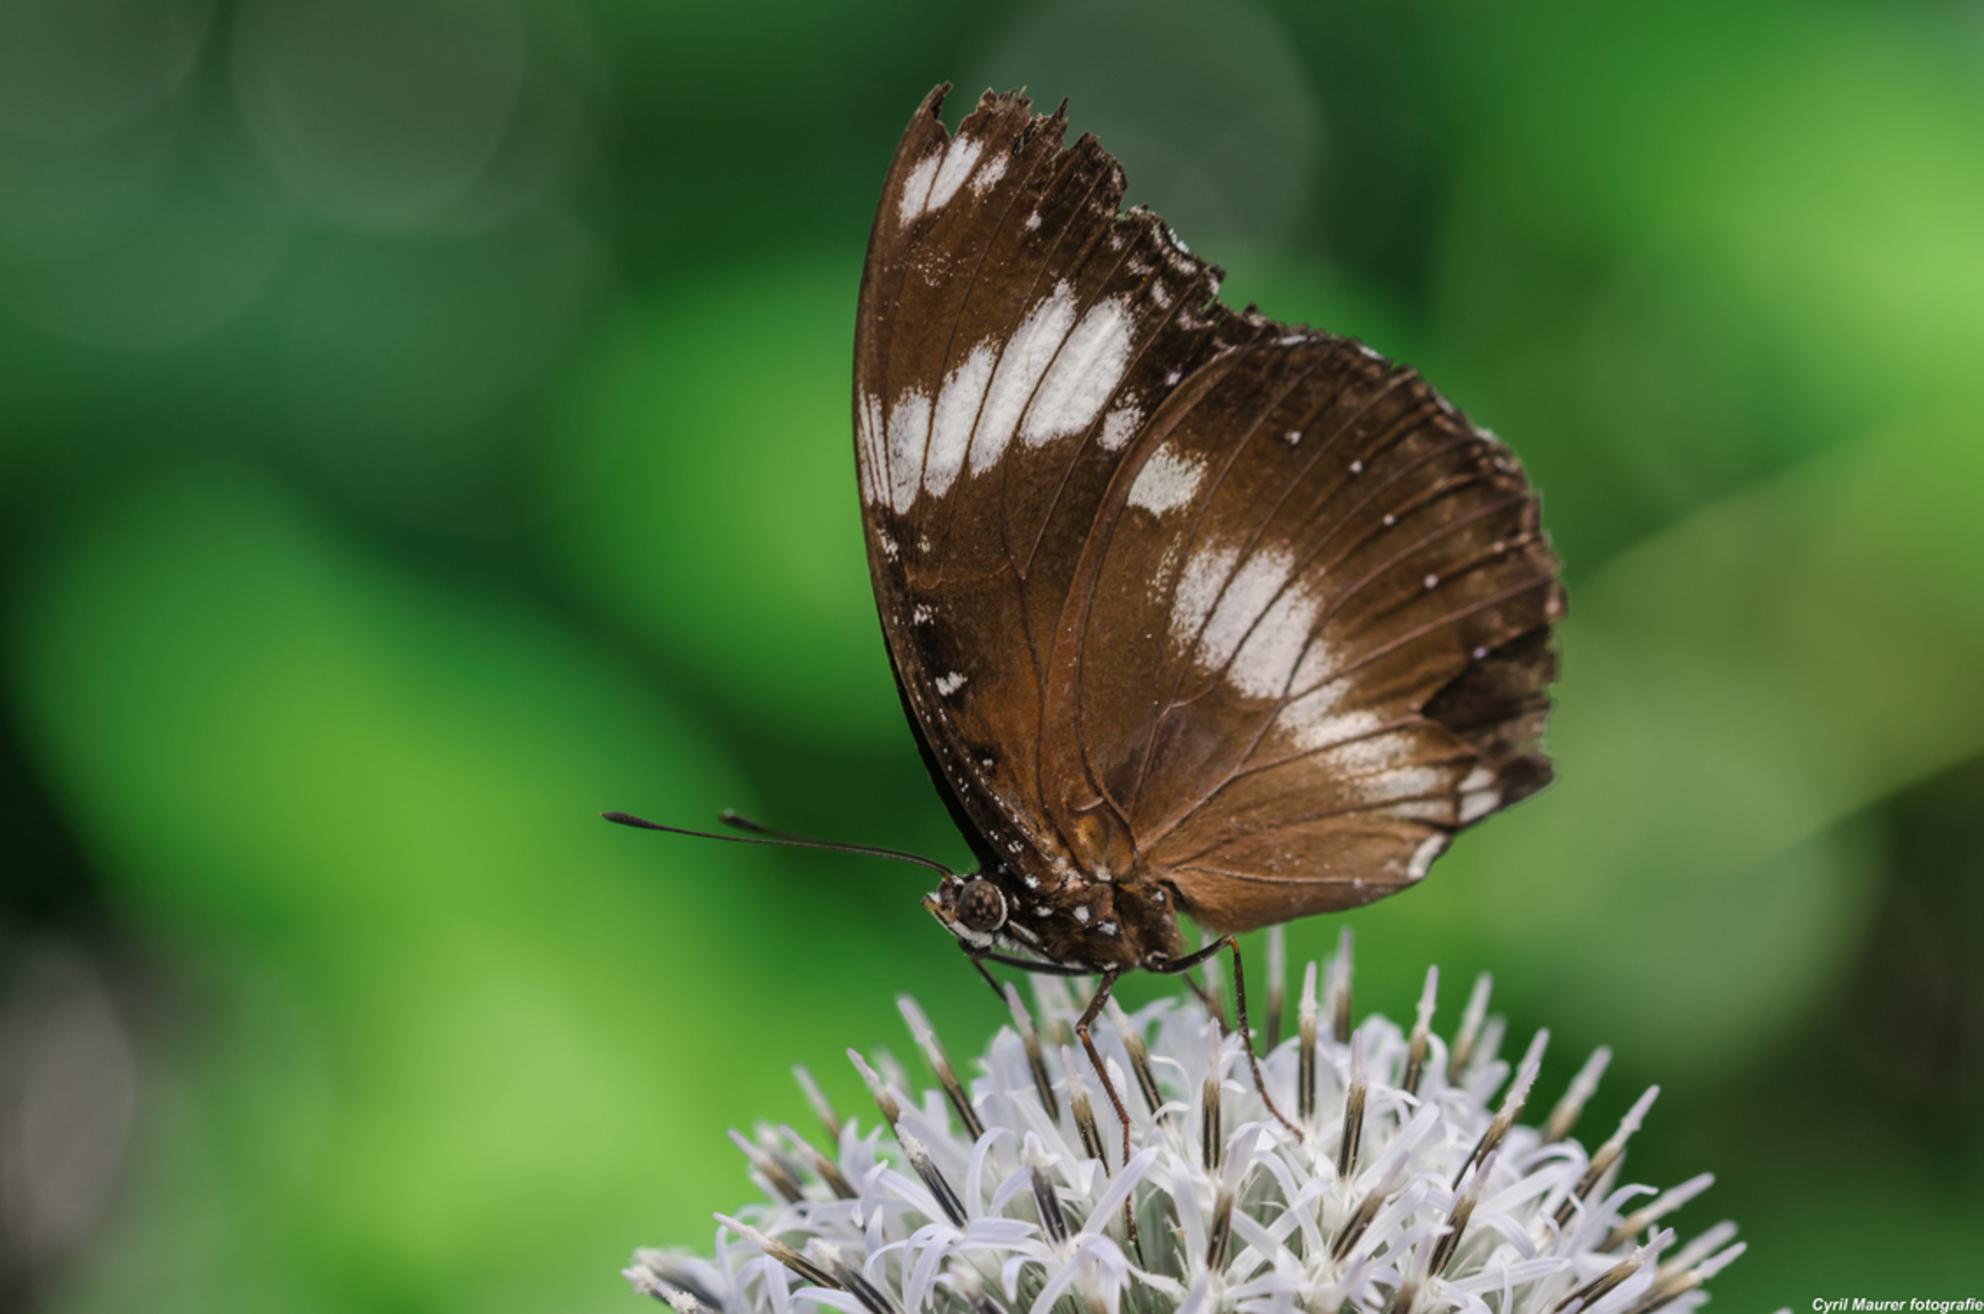 Bruine kluernpracht met witte bloem - Groot kijken dan komt die beter to ze recht dank :)  deze foto heb ik genomen in mijn eena laatste bezoek aan de Botanische tuinen Utrecht. - foto door sipmaurer op 02-10-2015 - deze foto bevat: groen, macro, wit, bloem, natuur, vlinder, bruin, zwart, zomer, dof, bokeh, botanische tuinen utrecht, vlinder kas